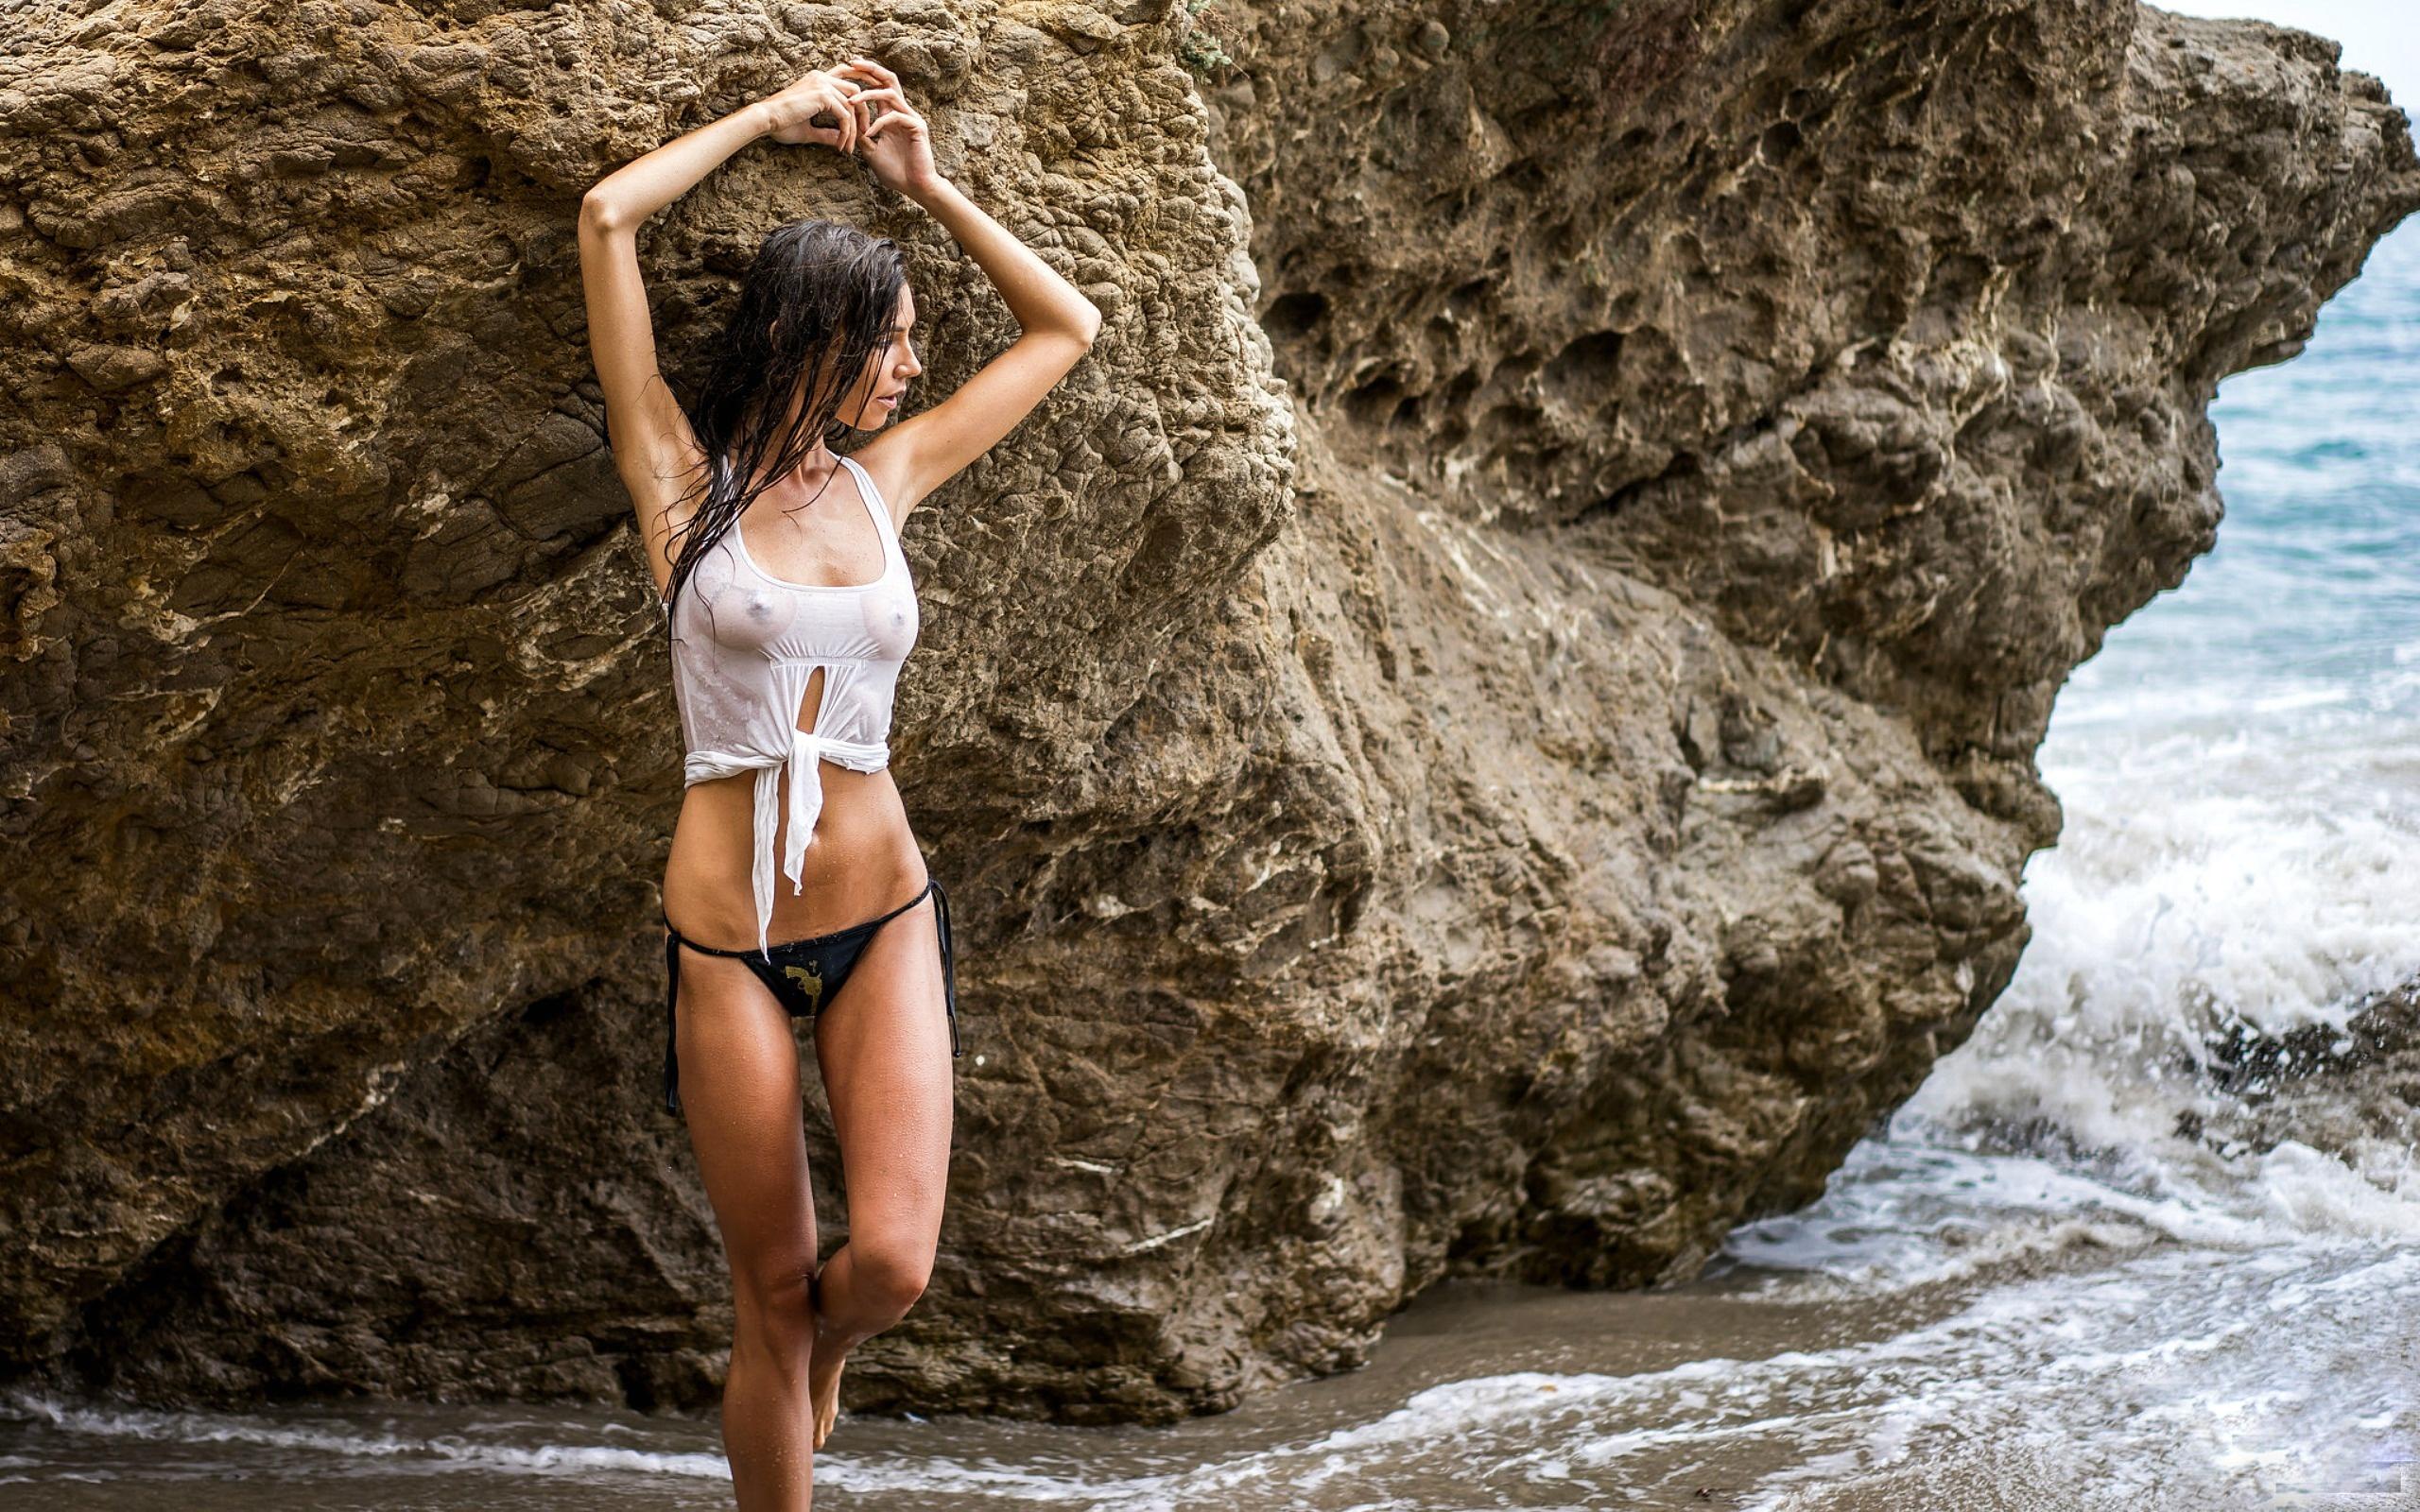 Парень фотографирует голую подружку у скалы  234622